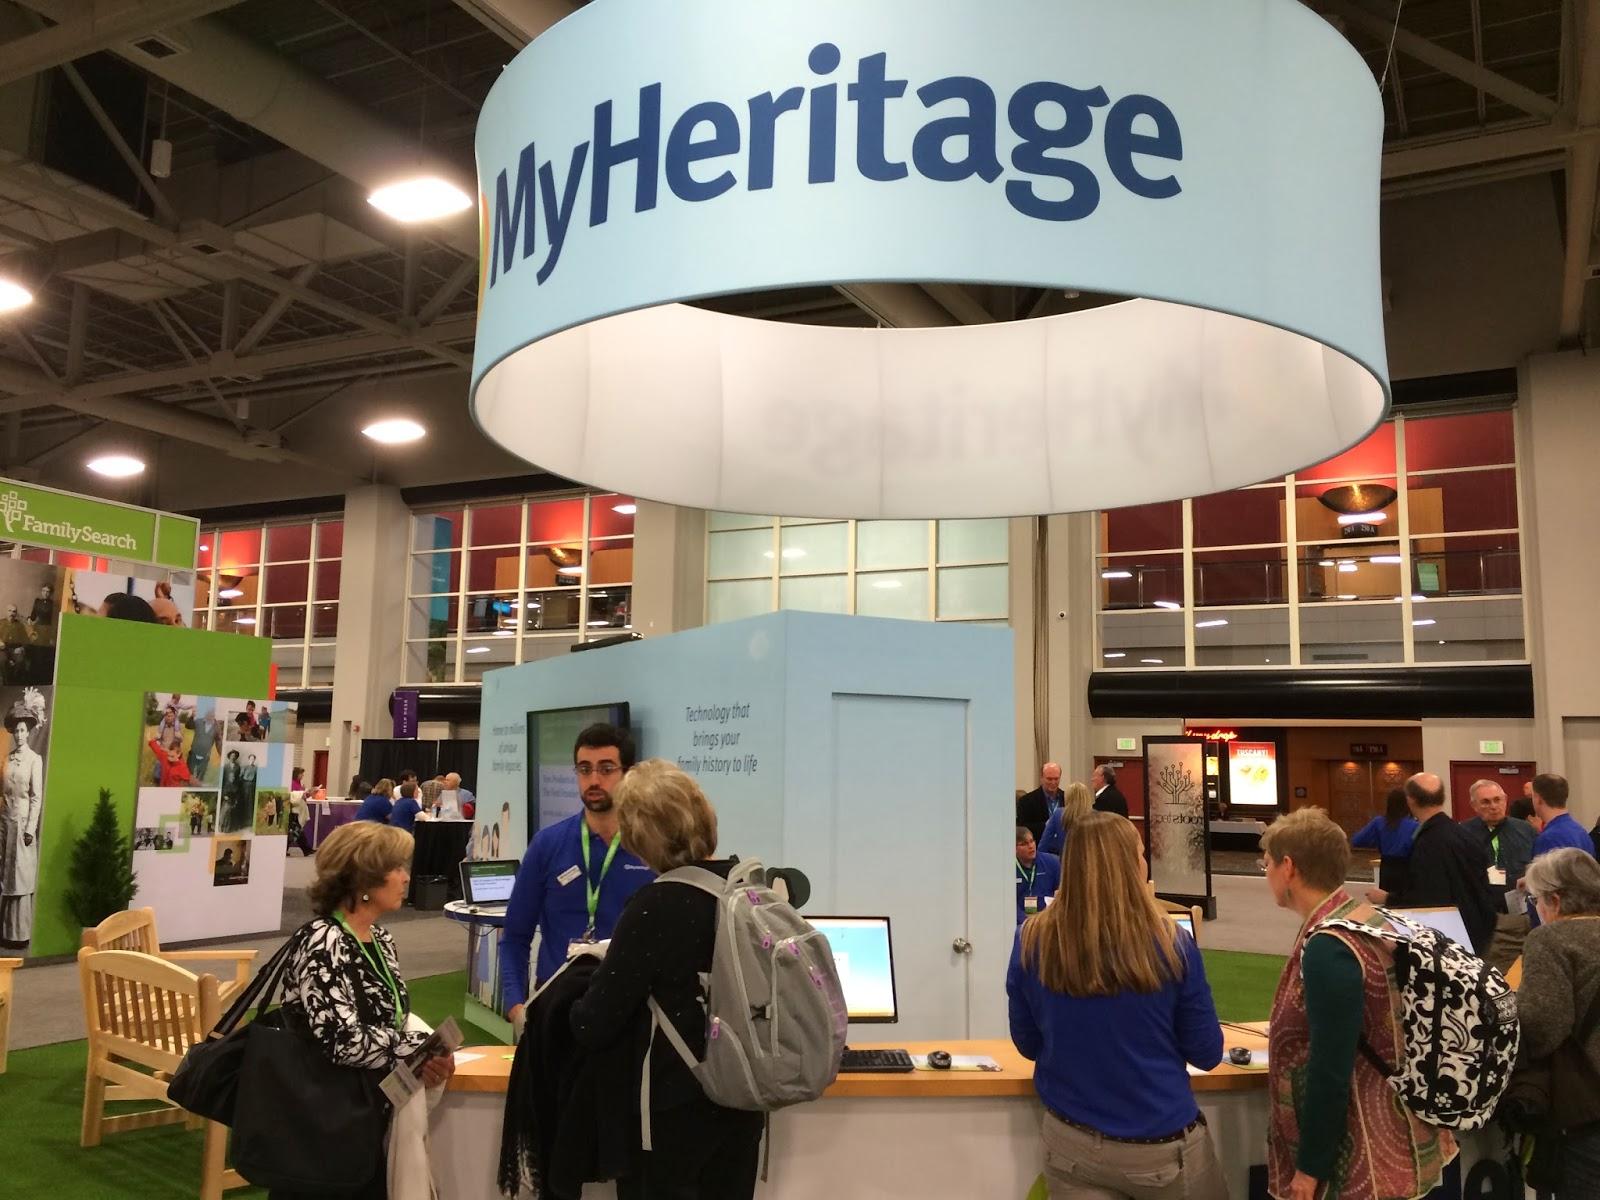 MyHeritage Exhibit in Expo Hall